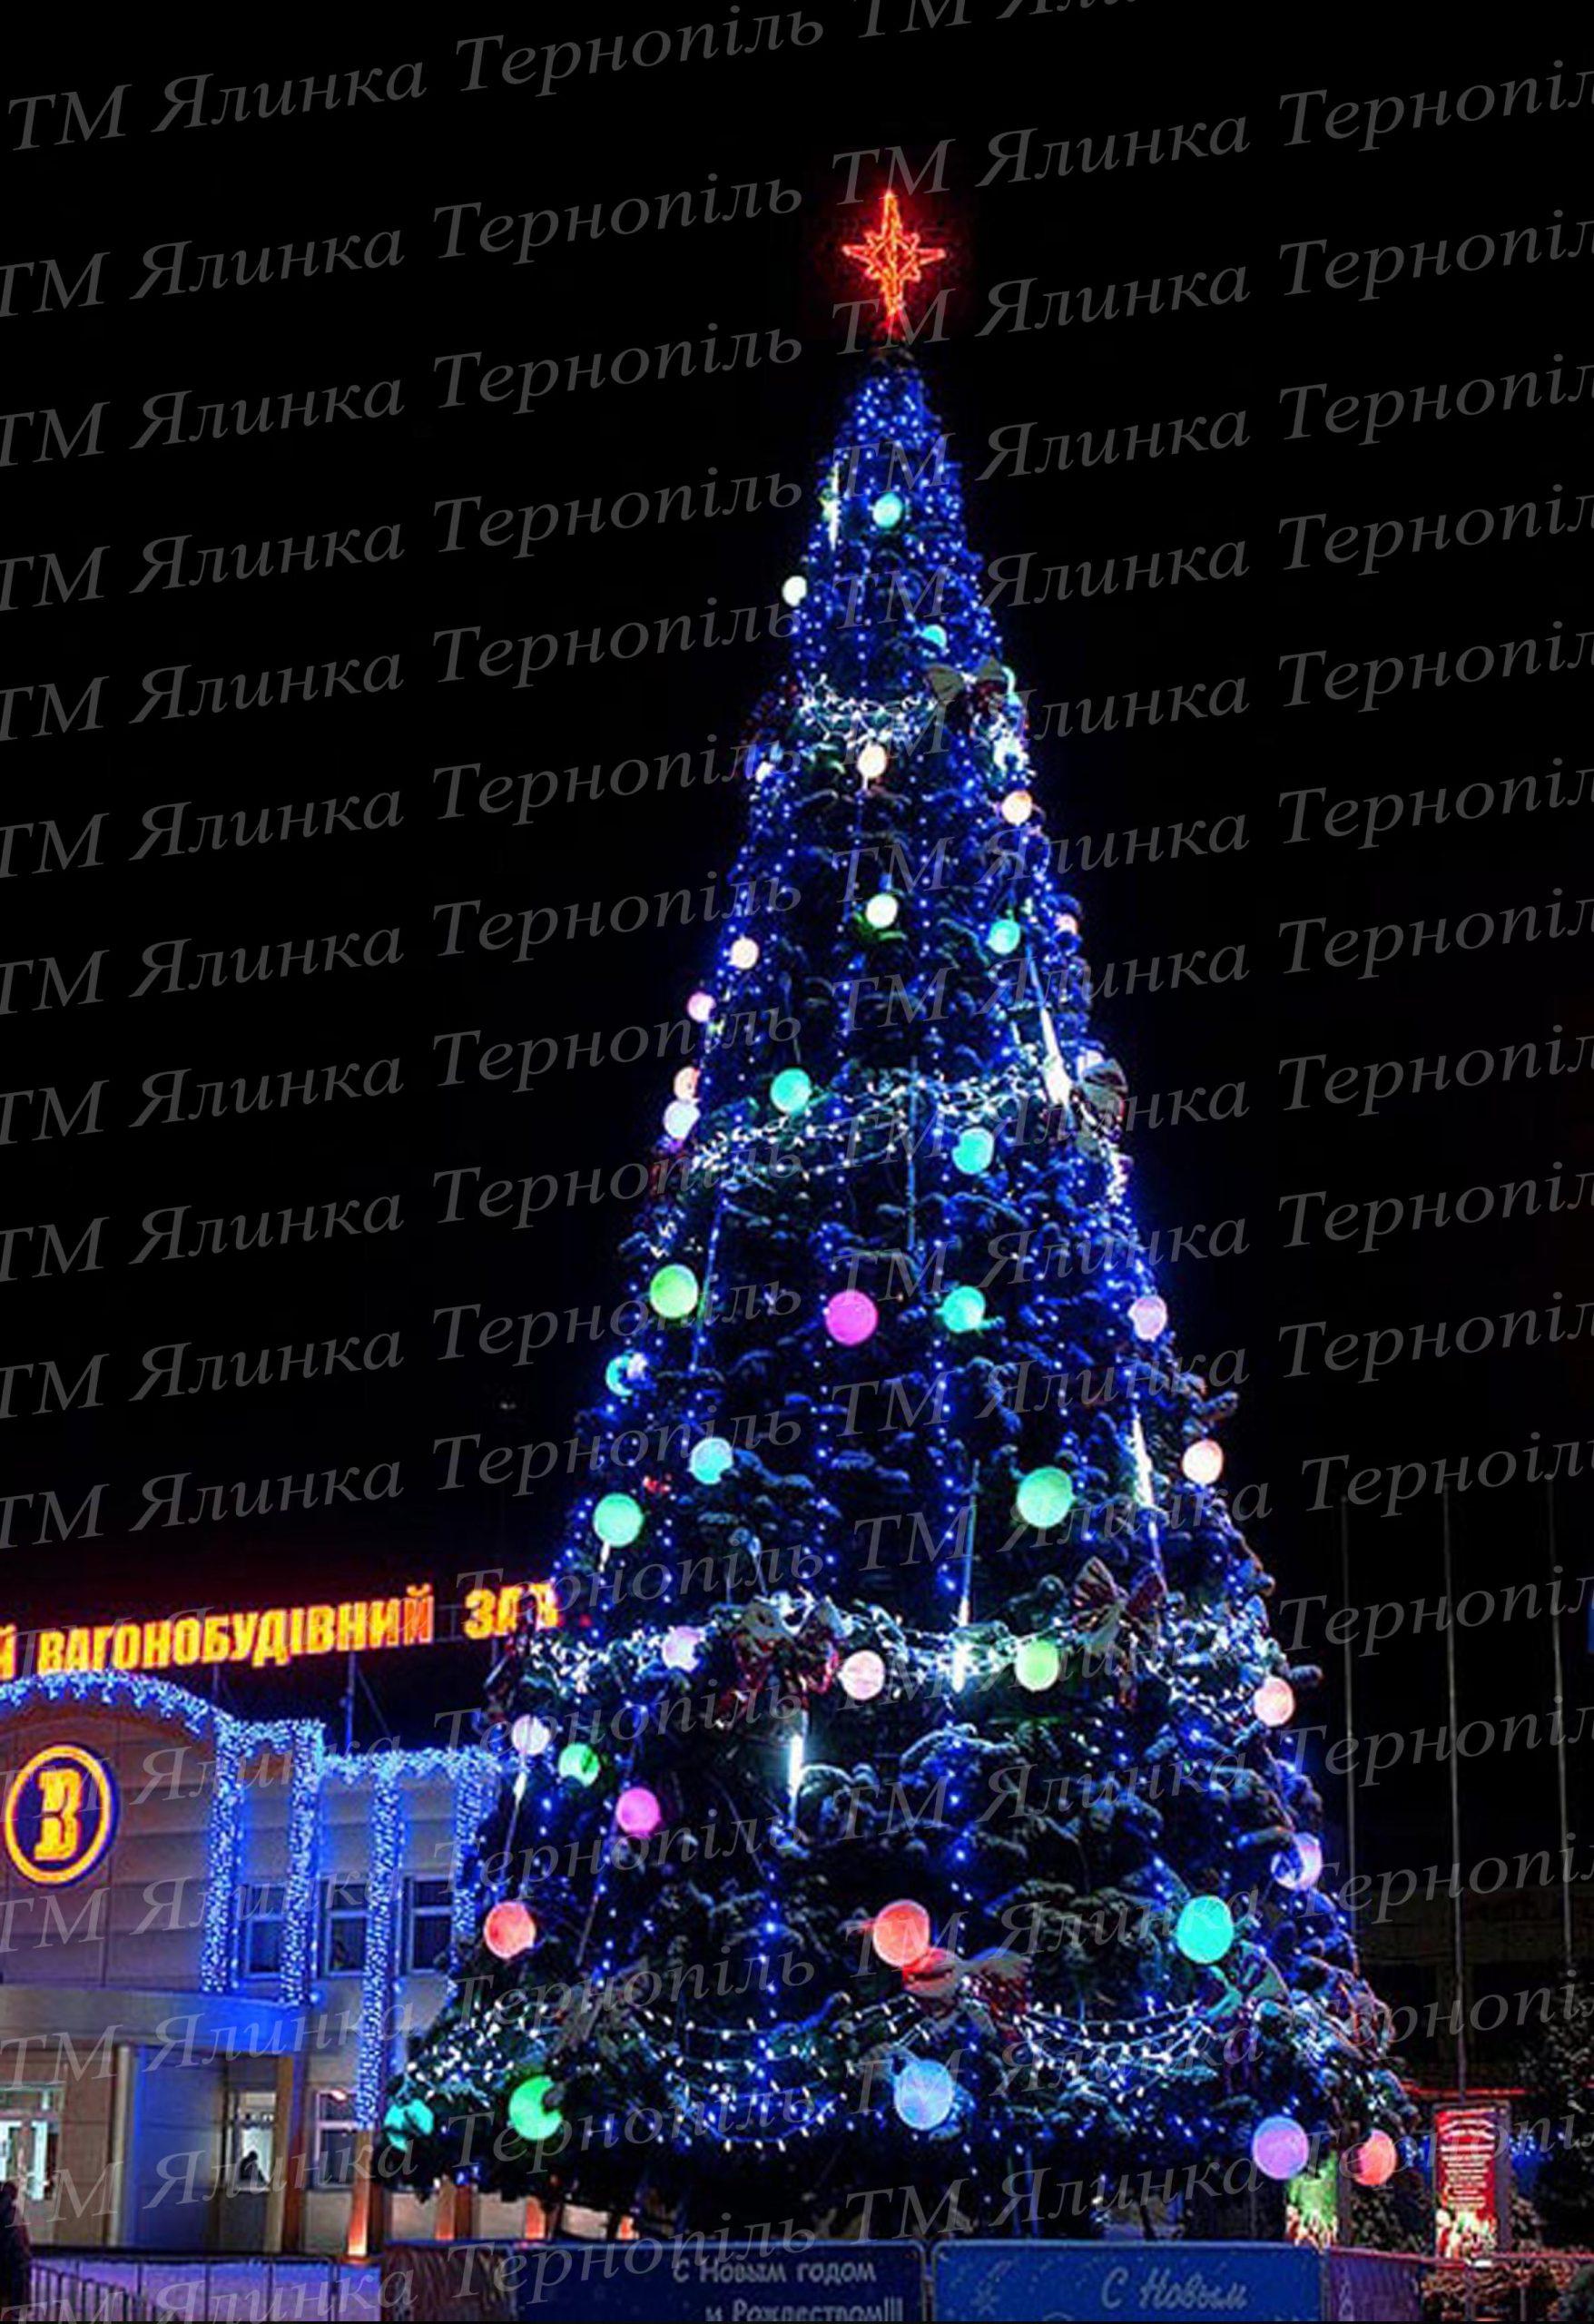 Большая уличная елка около вокзала Украины